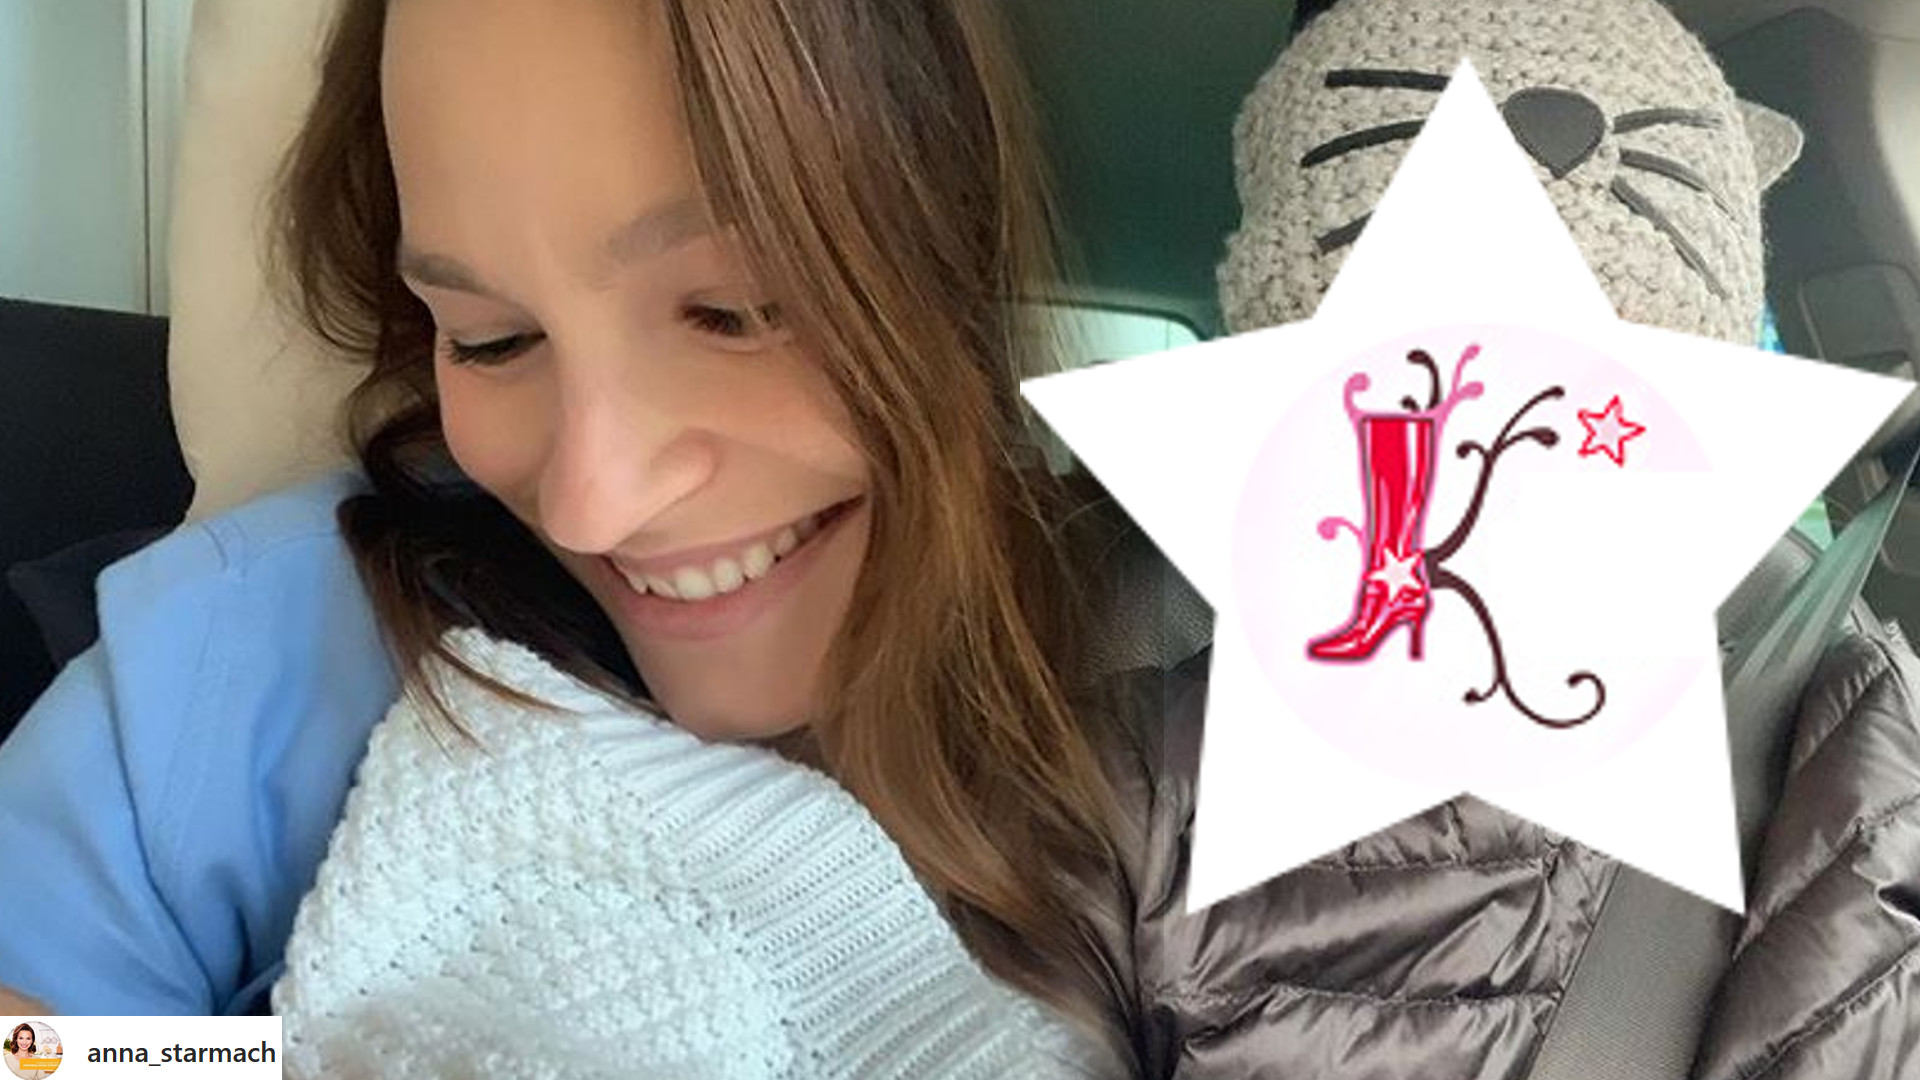 Anna Starmach dwa tygodnie po PORODZIE: z bladą cerą, podkrążonymi oczami…